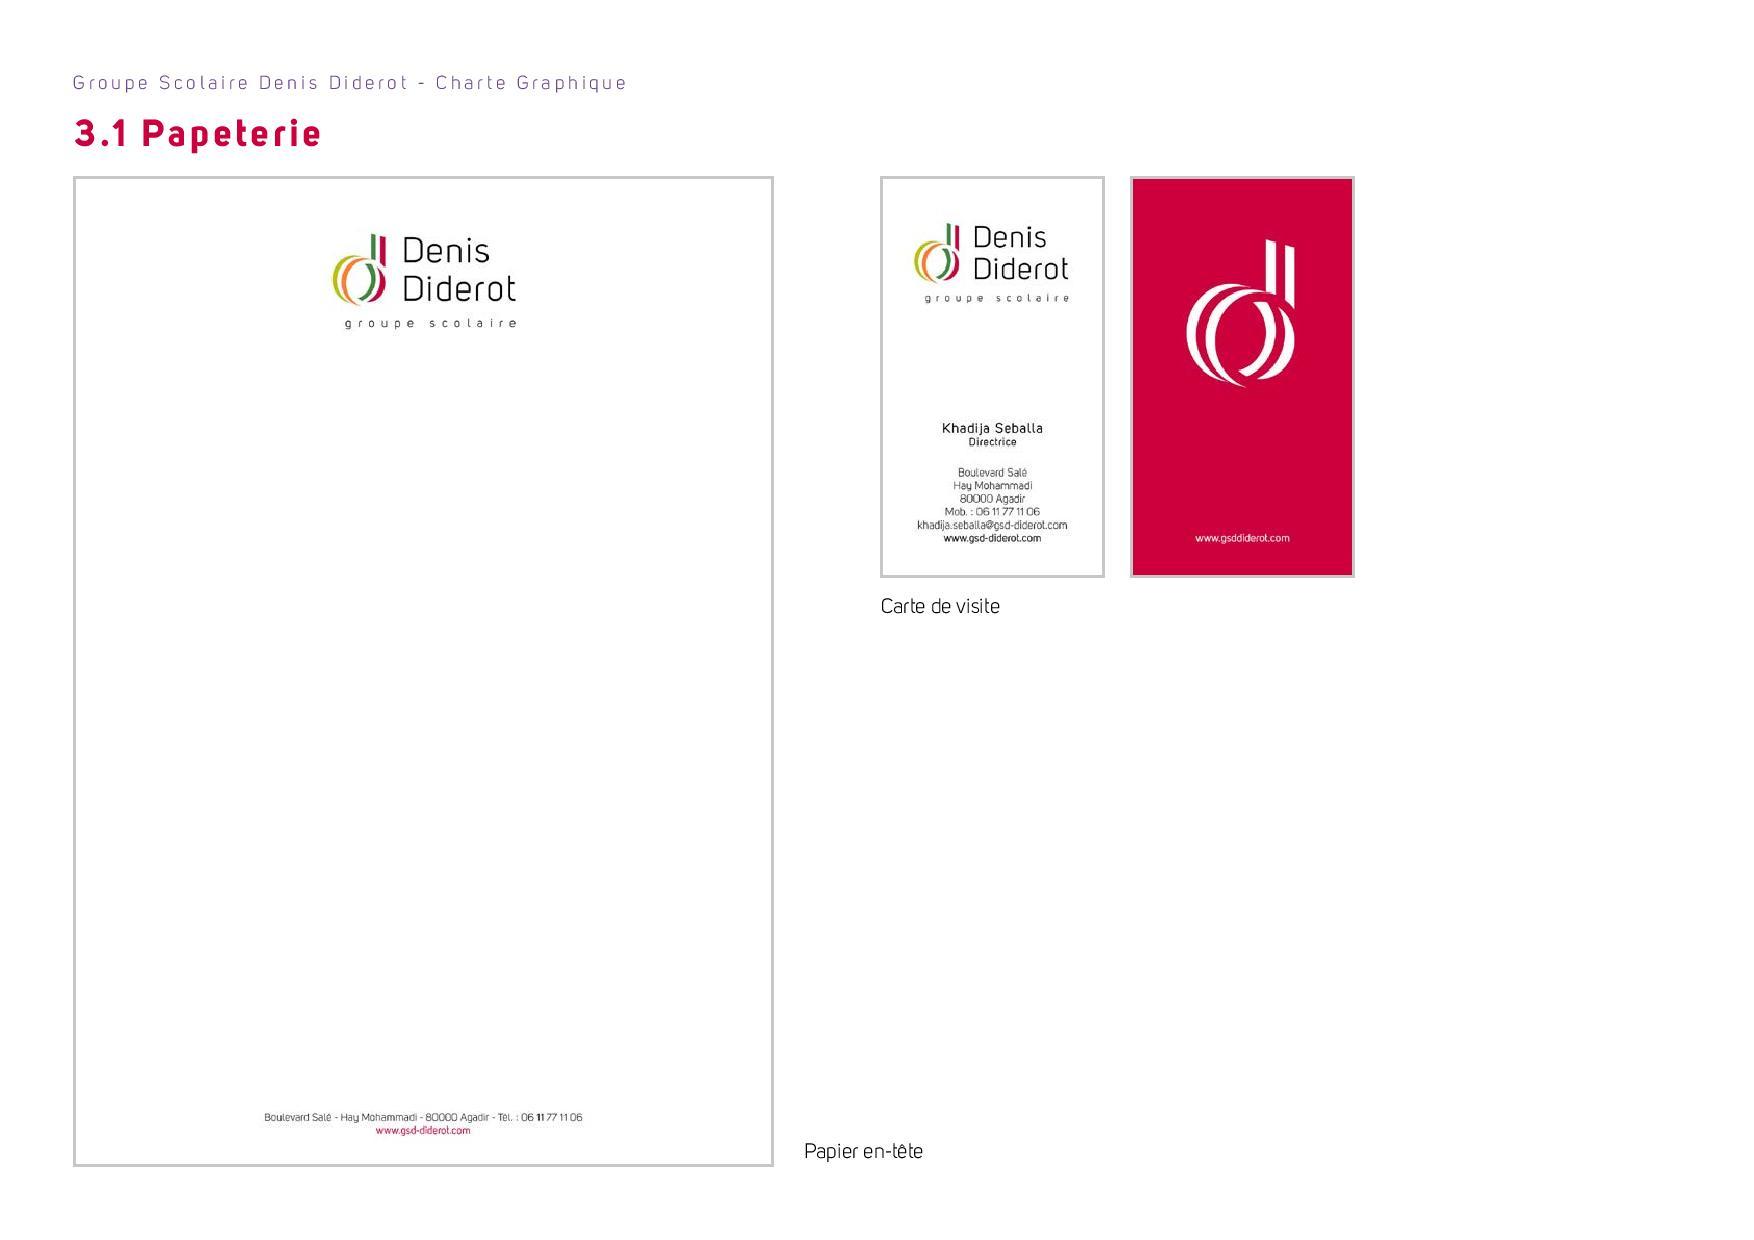 Charte-dd-page-016.jpg